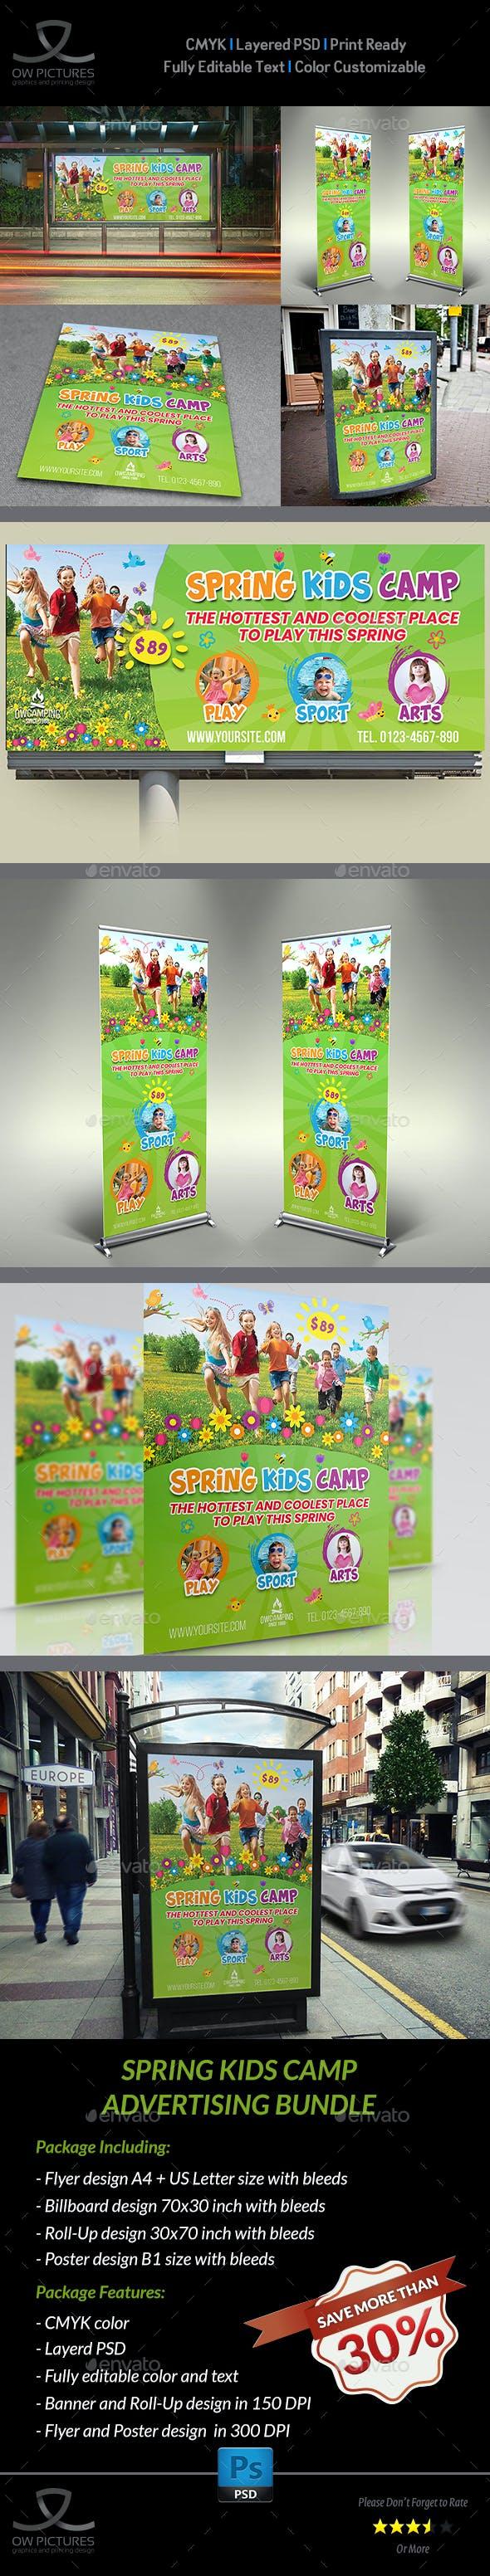 Spring Kids Camp Advertising Bundle